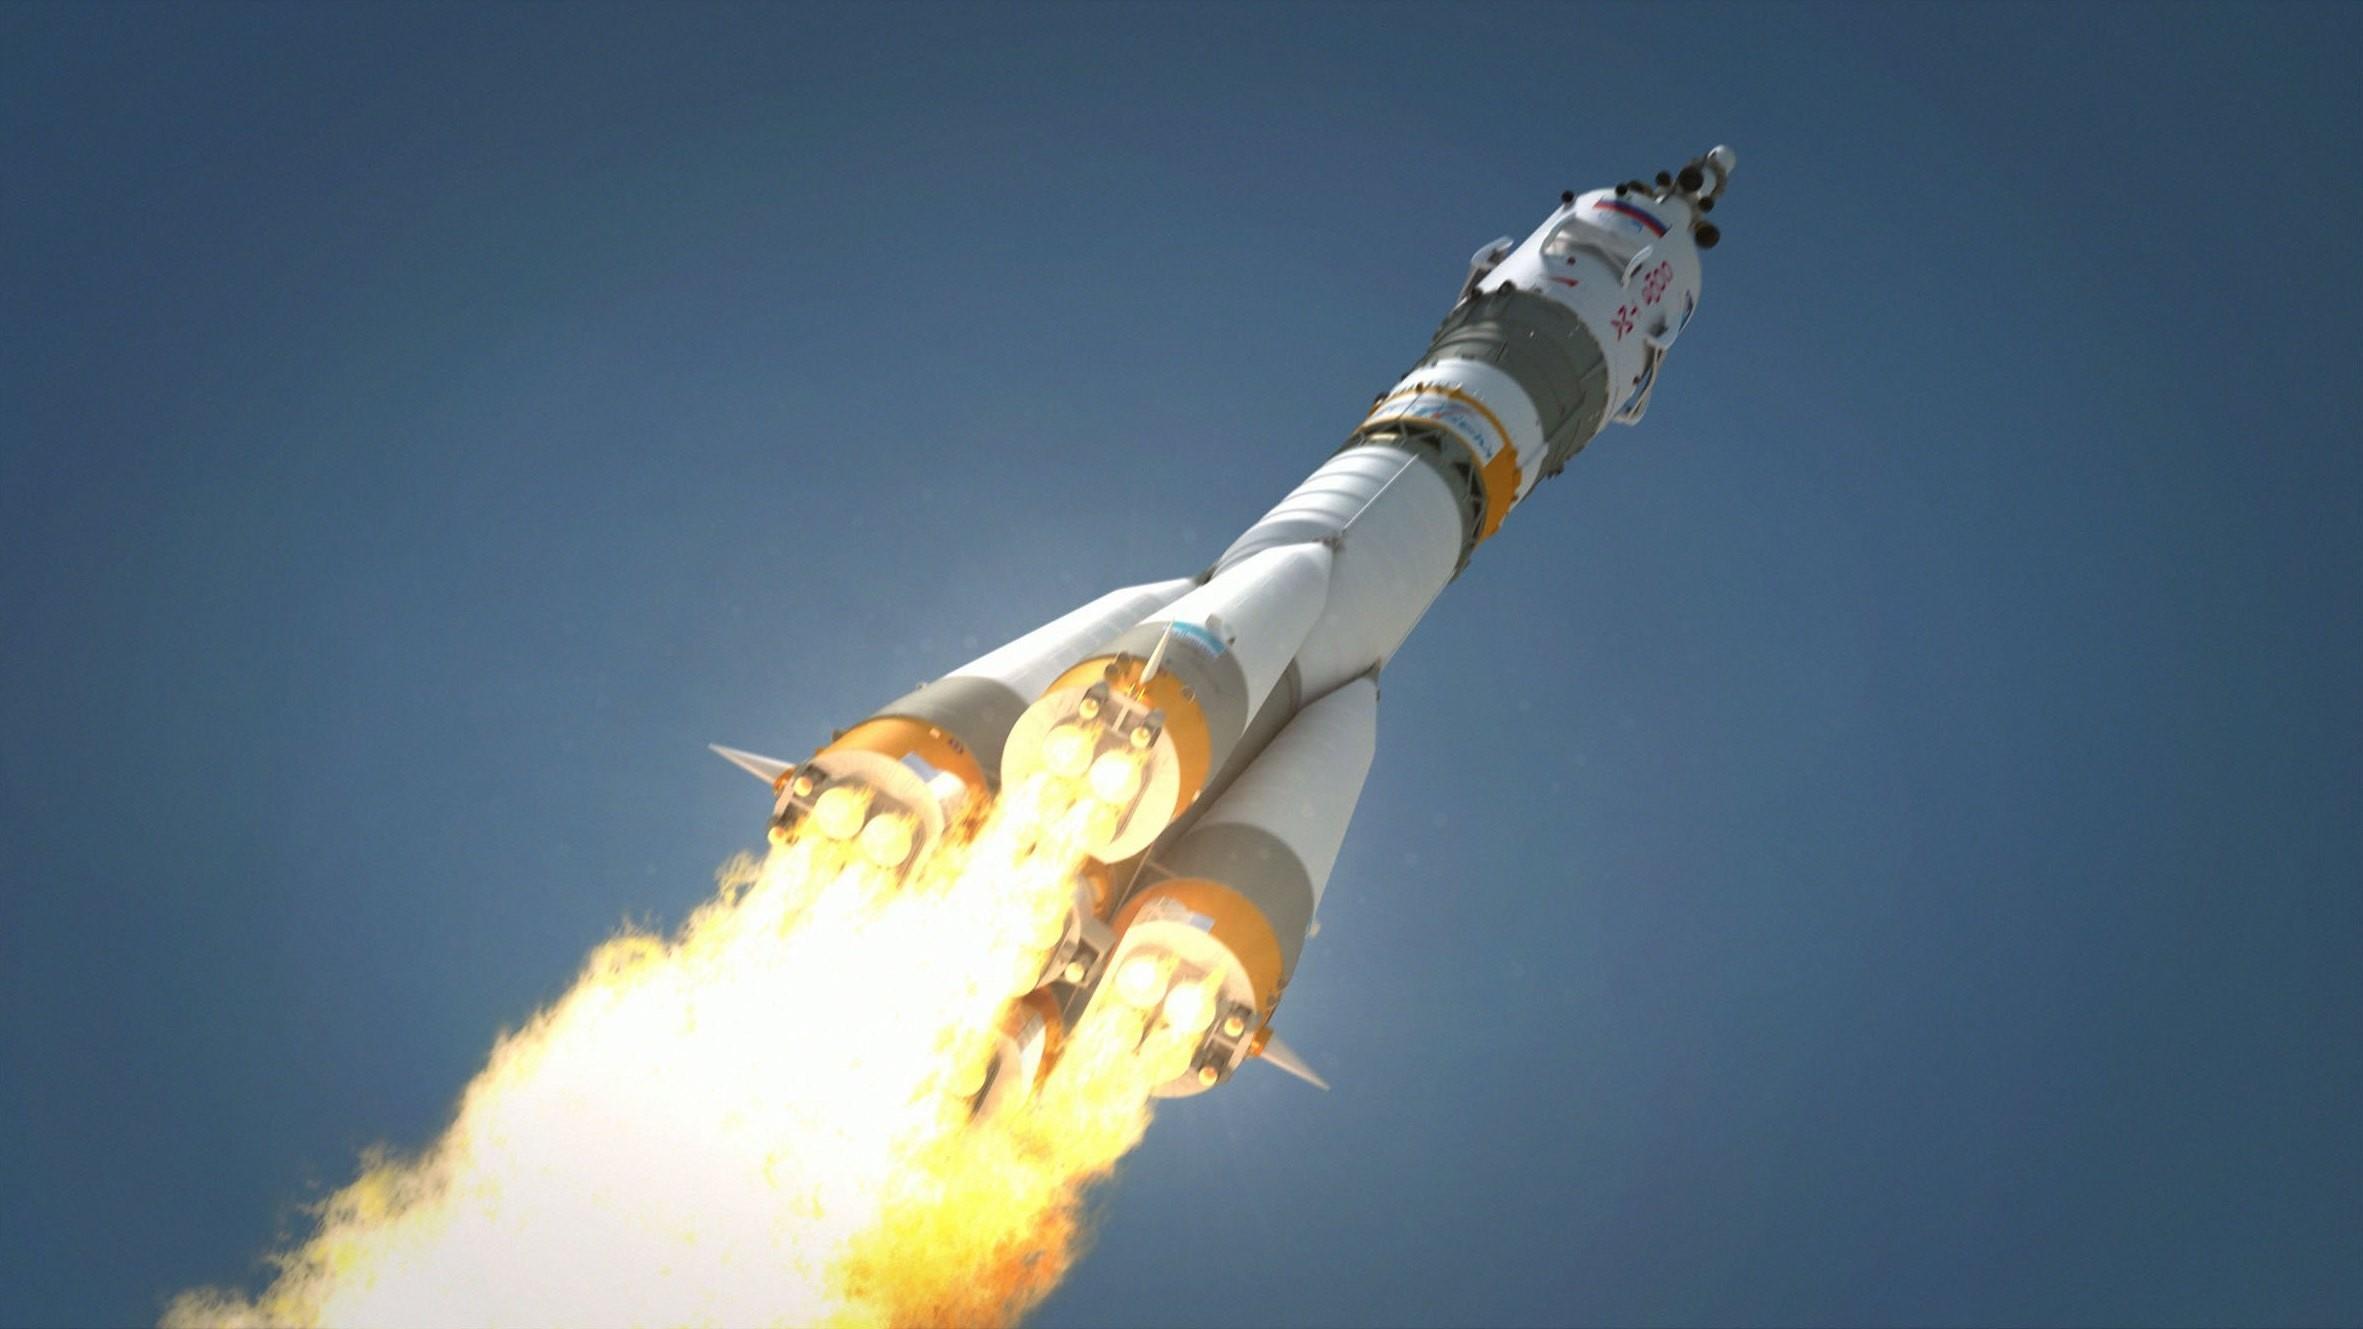 Суда на подводных крыльях Ракета, Метеор, Баларусь, Комета ...